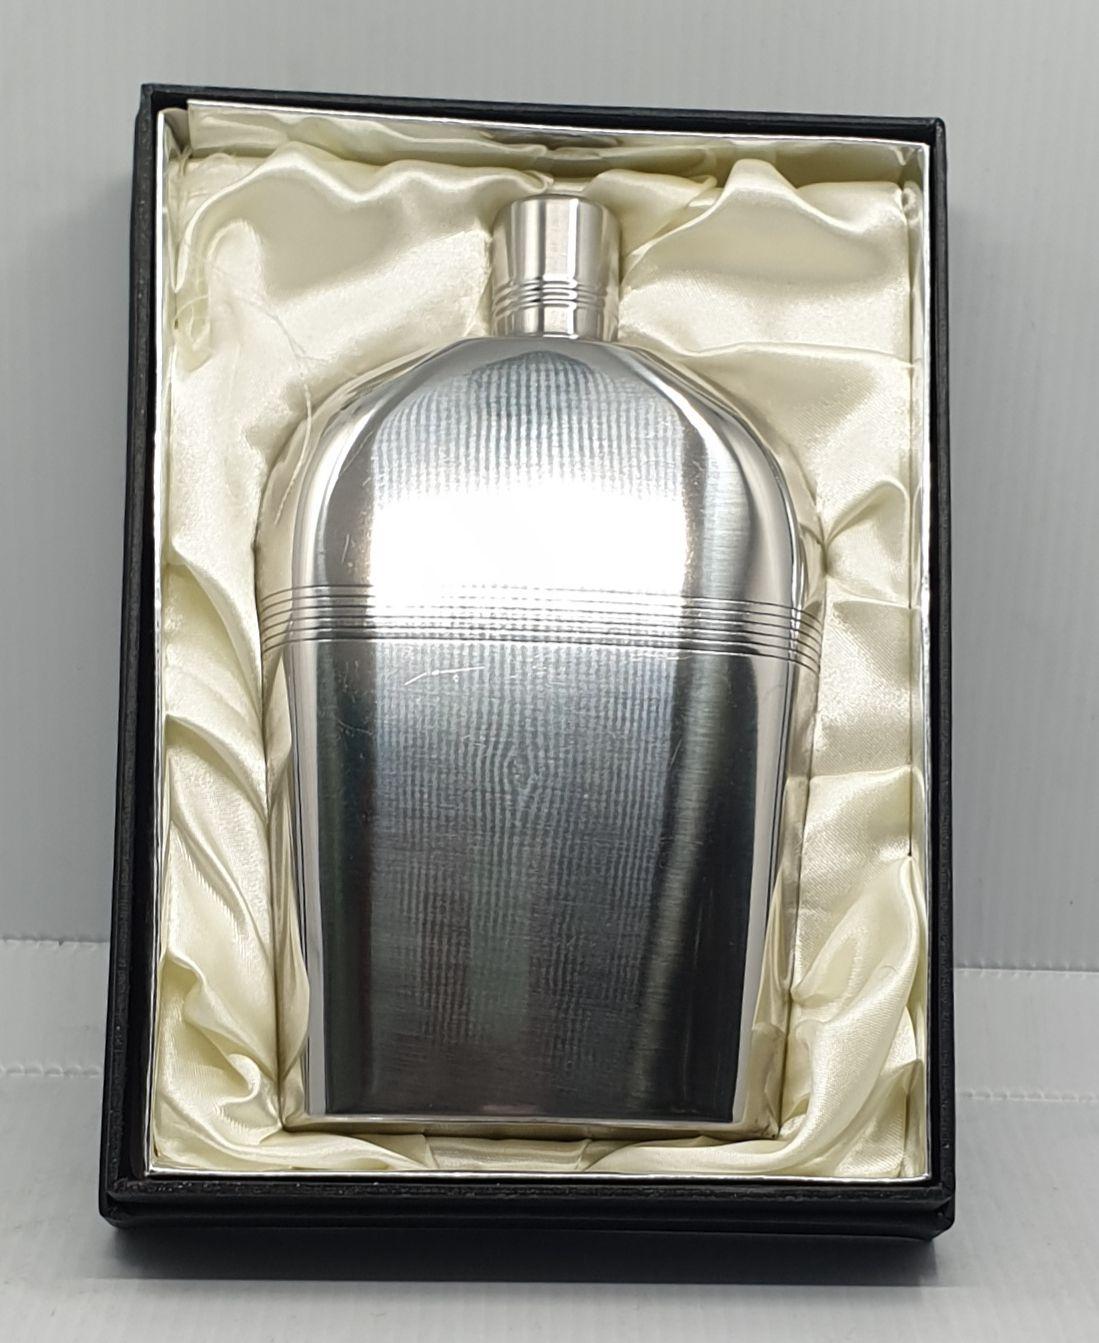 9 oz flaska díszdobozban